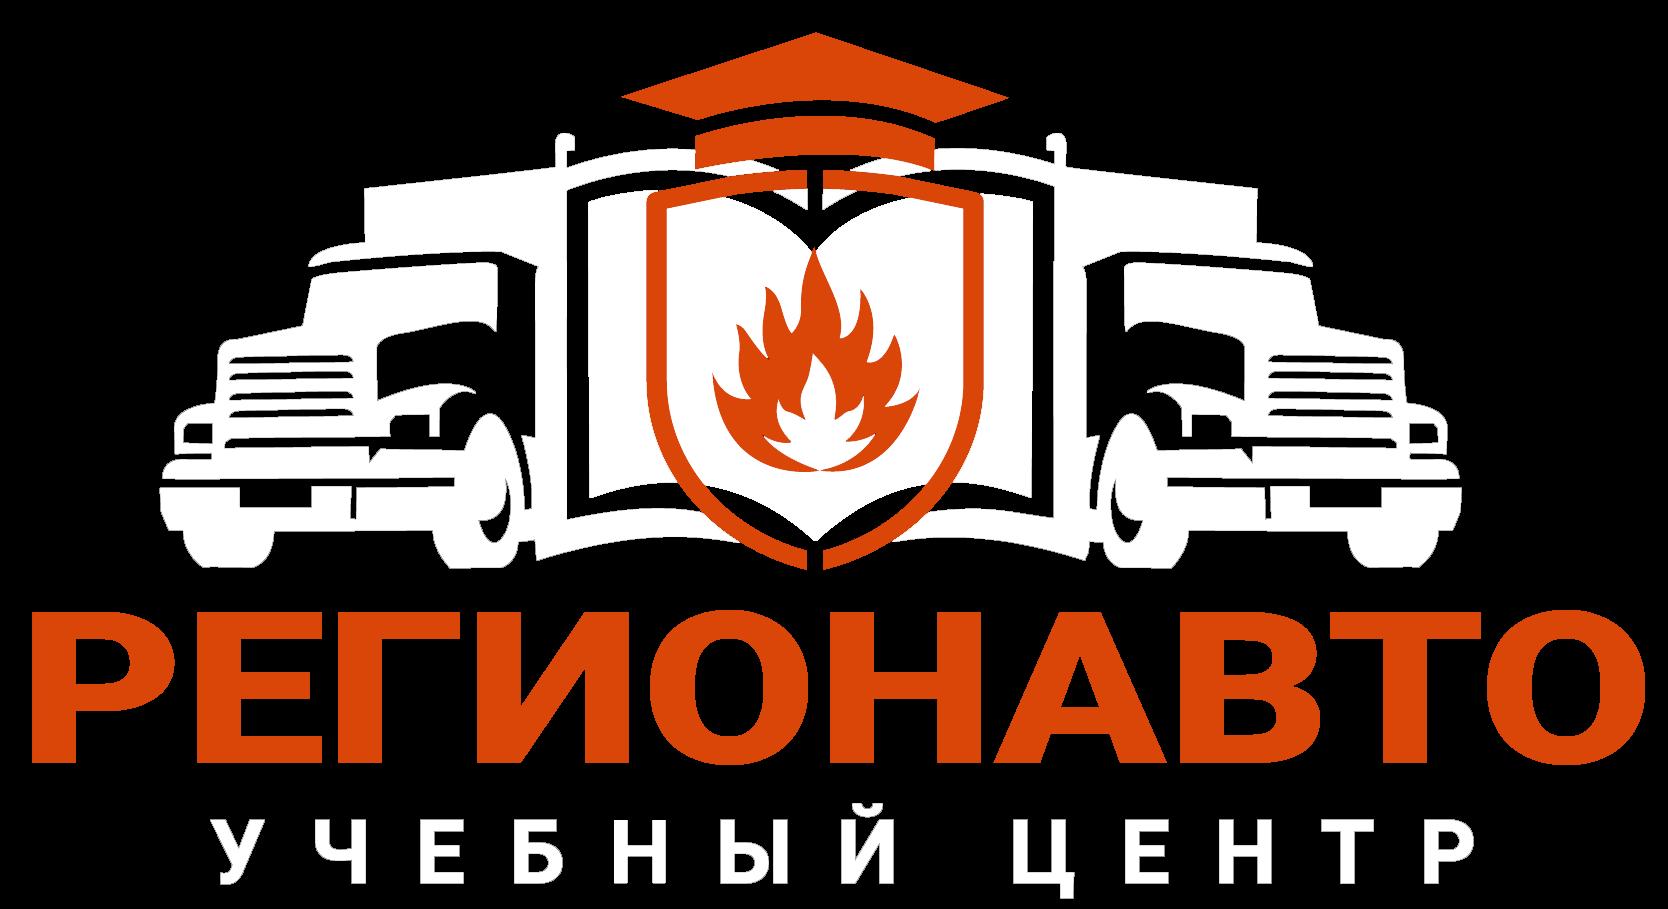 Регионфвто-курсы ДОПОГ, курсы по безопастности дорожного движения